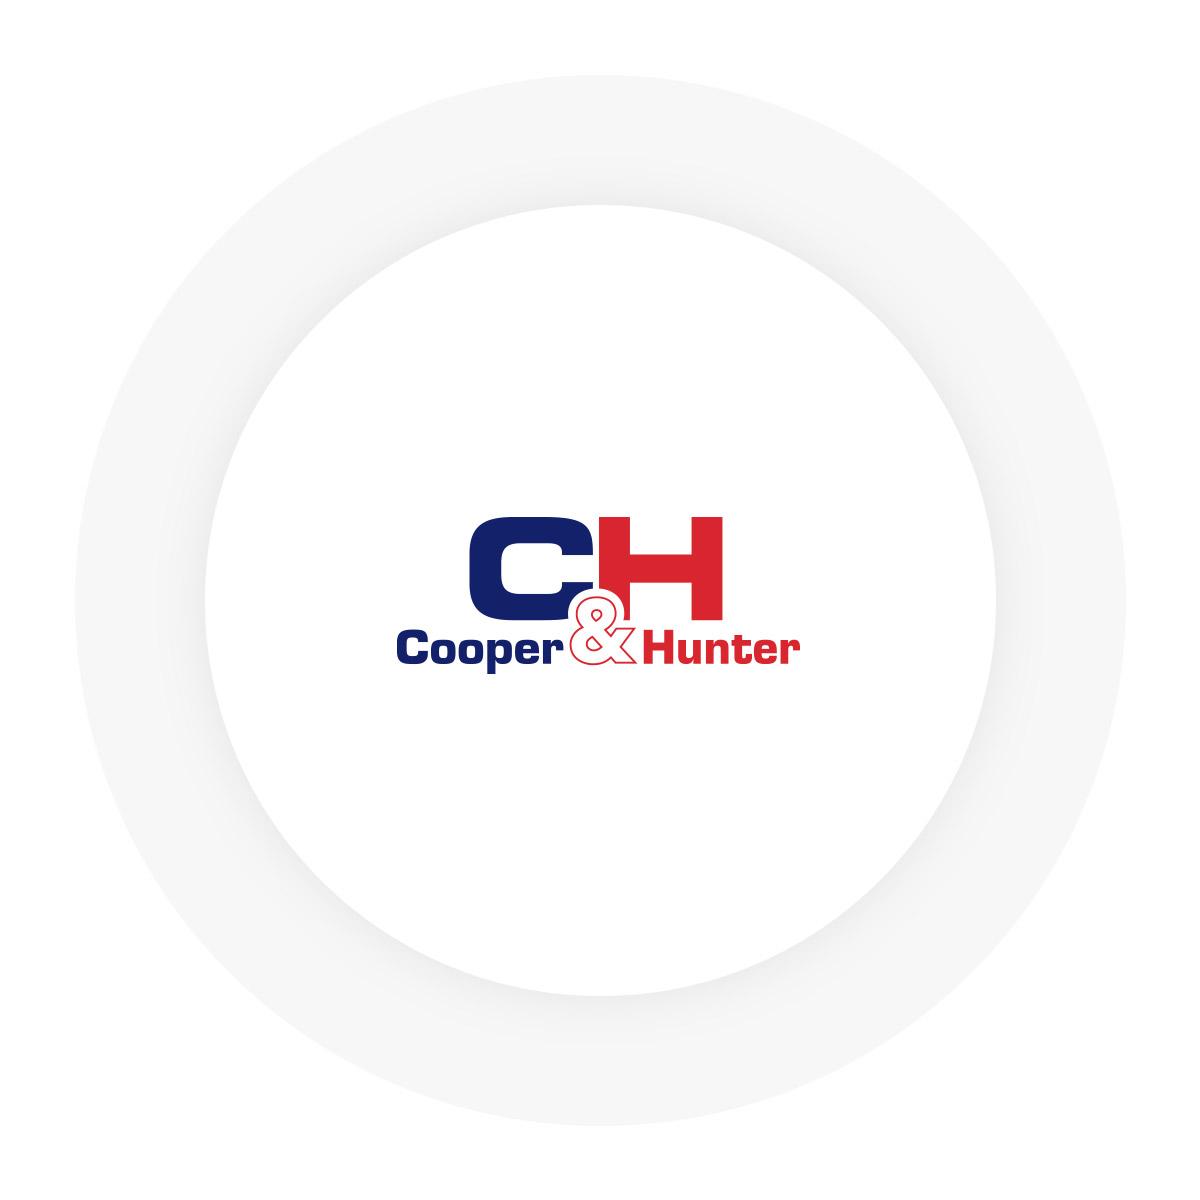 Prisvärda värmepumpar - Cooper&Hunter har tagits emot mycket väl på HVAC-marknaden på grund av sina prisvärda och effektiva värmepumpar.